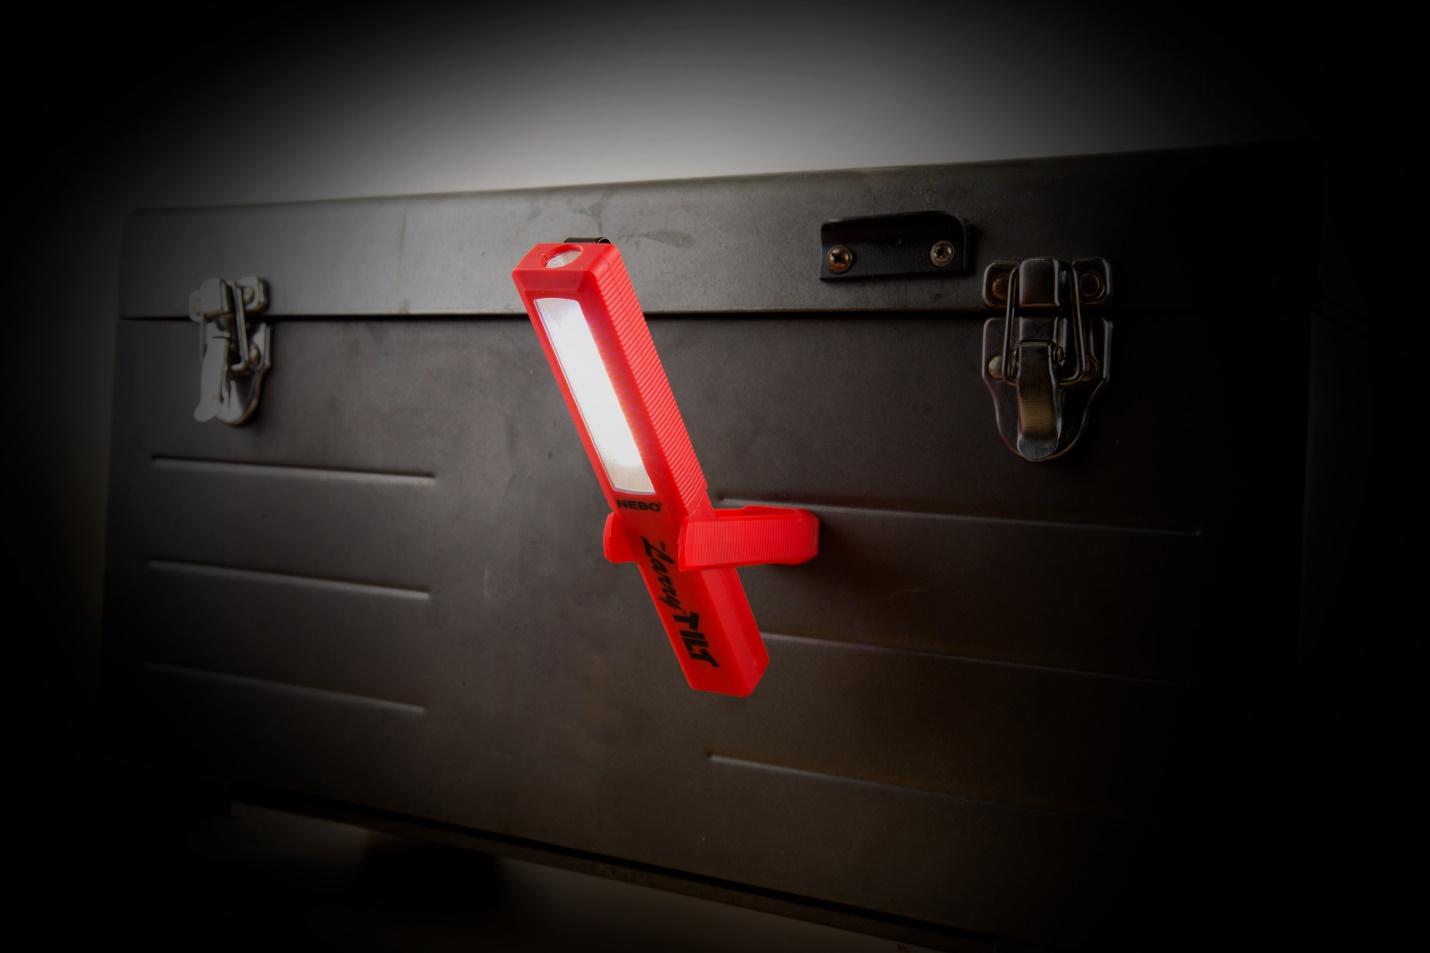 đèn pin cầm tay siêu sáng Nebo màu đỏ